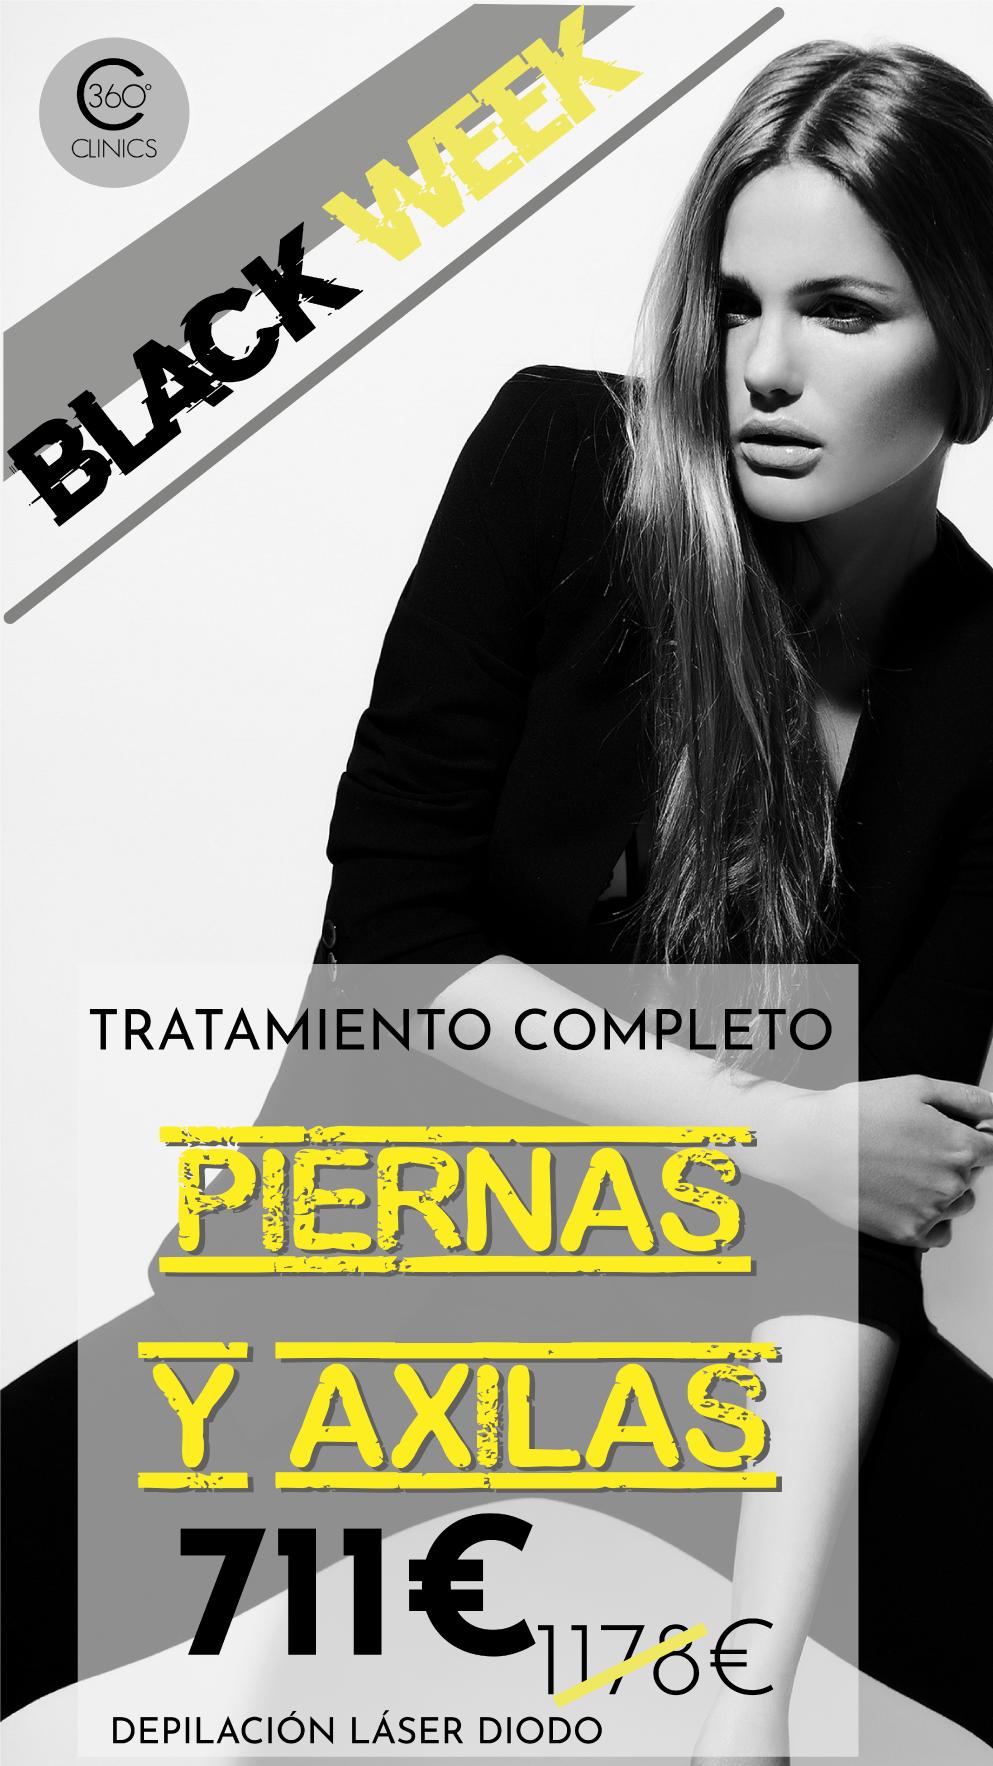 Ofertas Black Friday 360 Clinics, Centro Comercial La Verónica